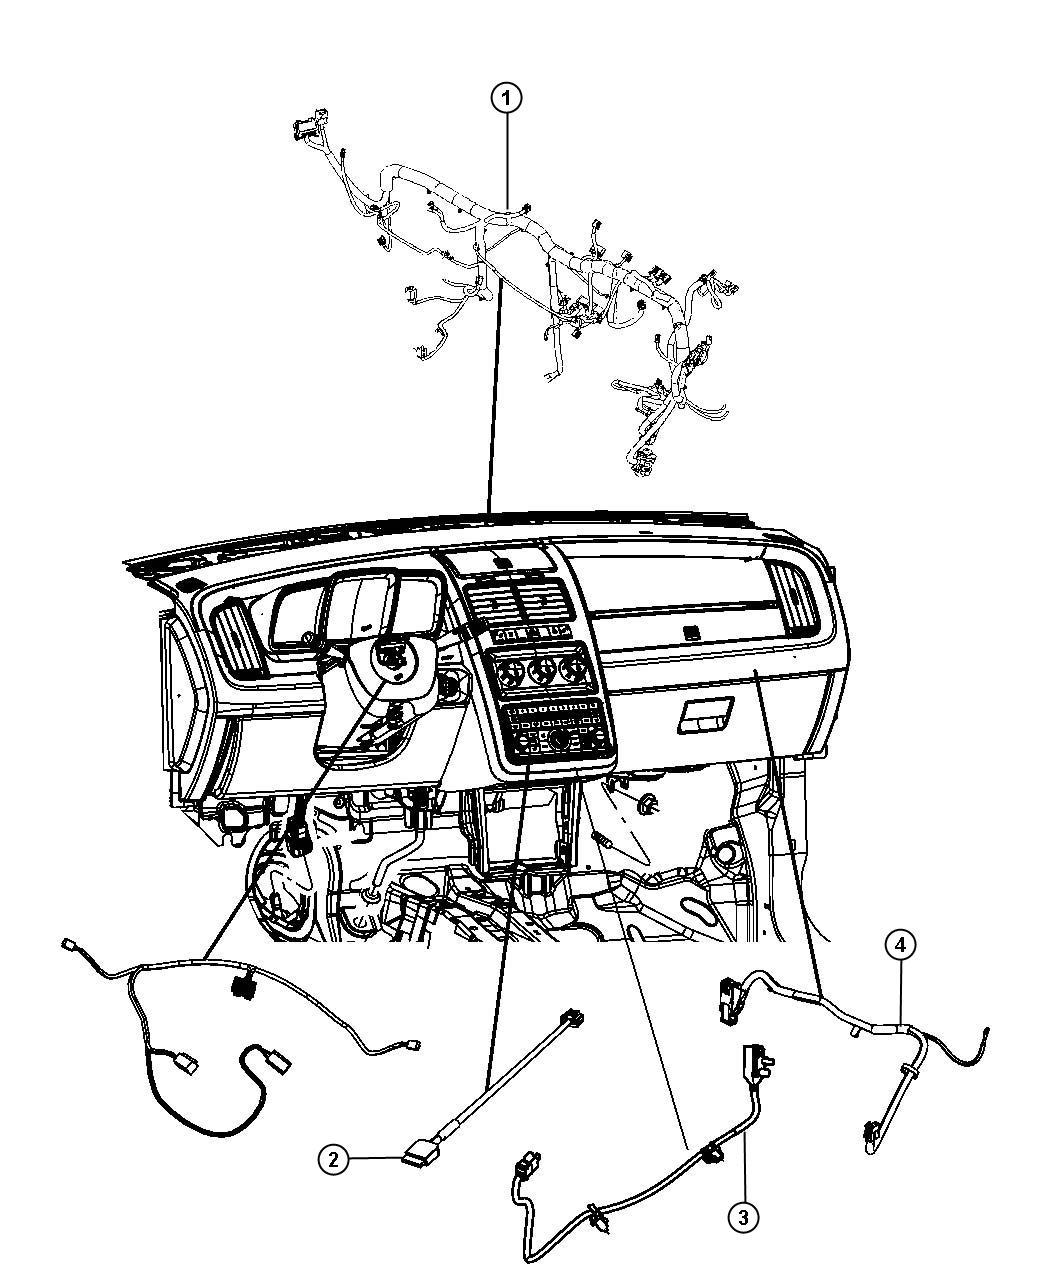 2013 Dodge Journey Wiring. Overlay. Cabin heater. Export